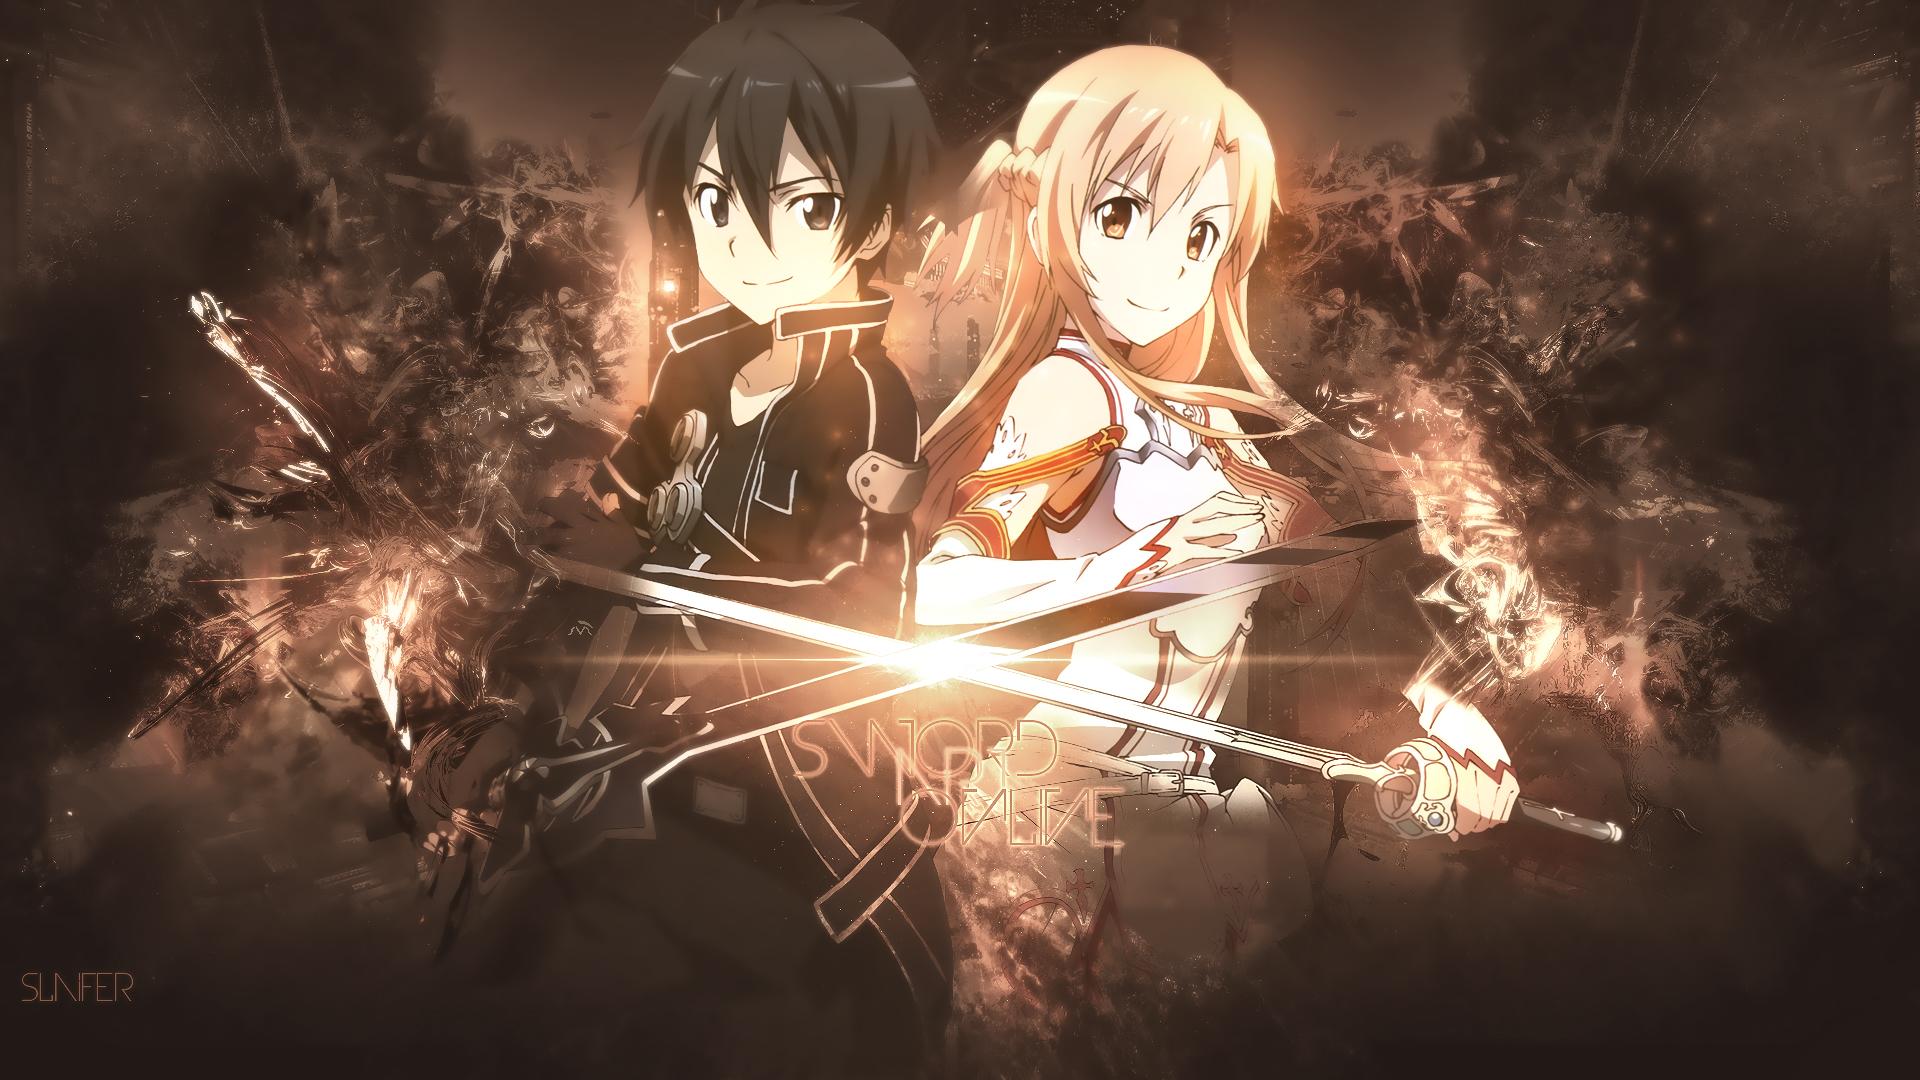 Sword Art Online wallpaper 47